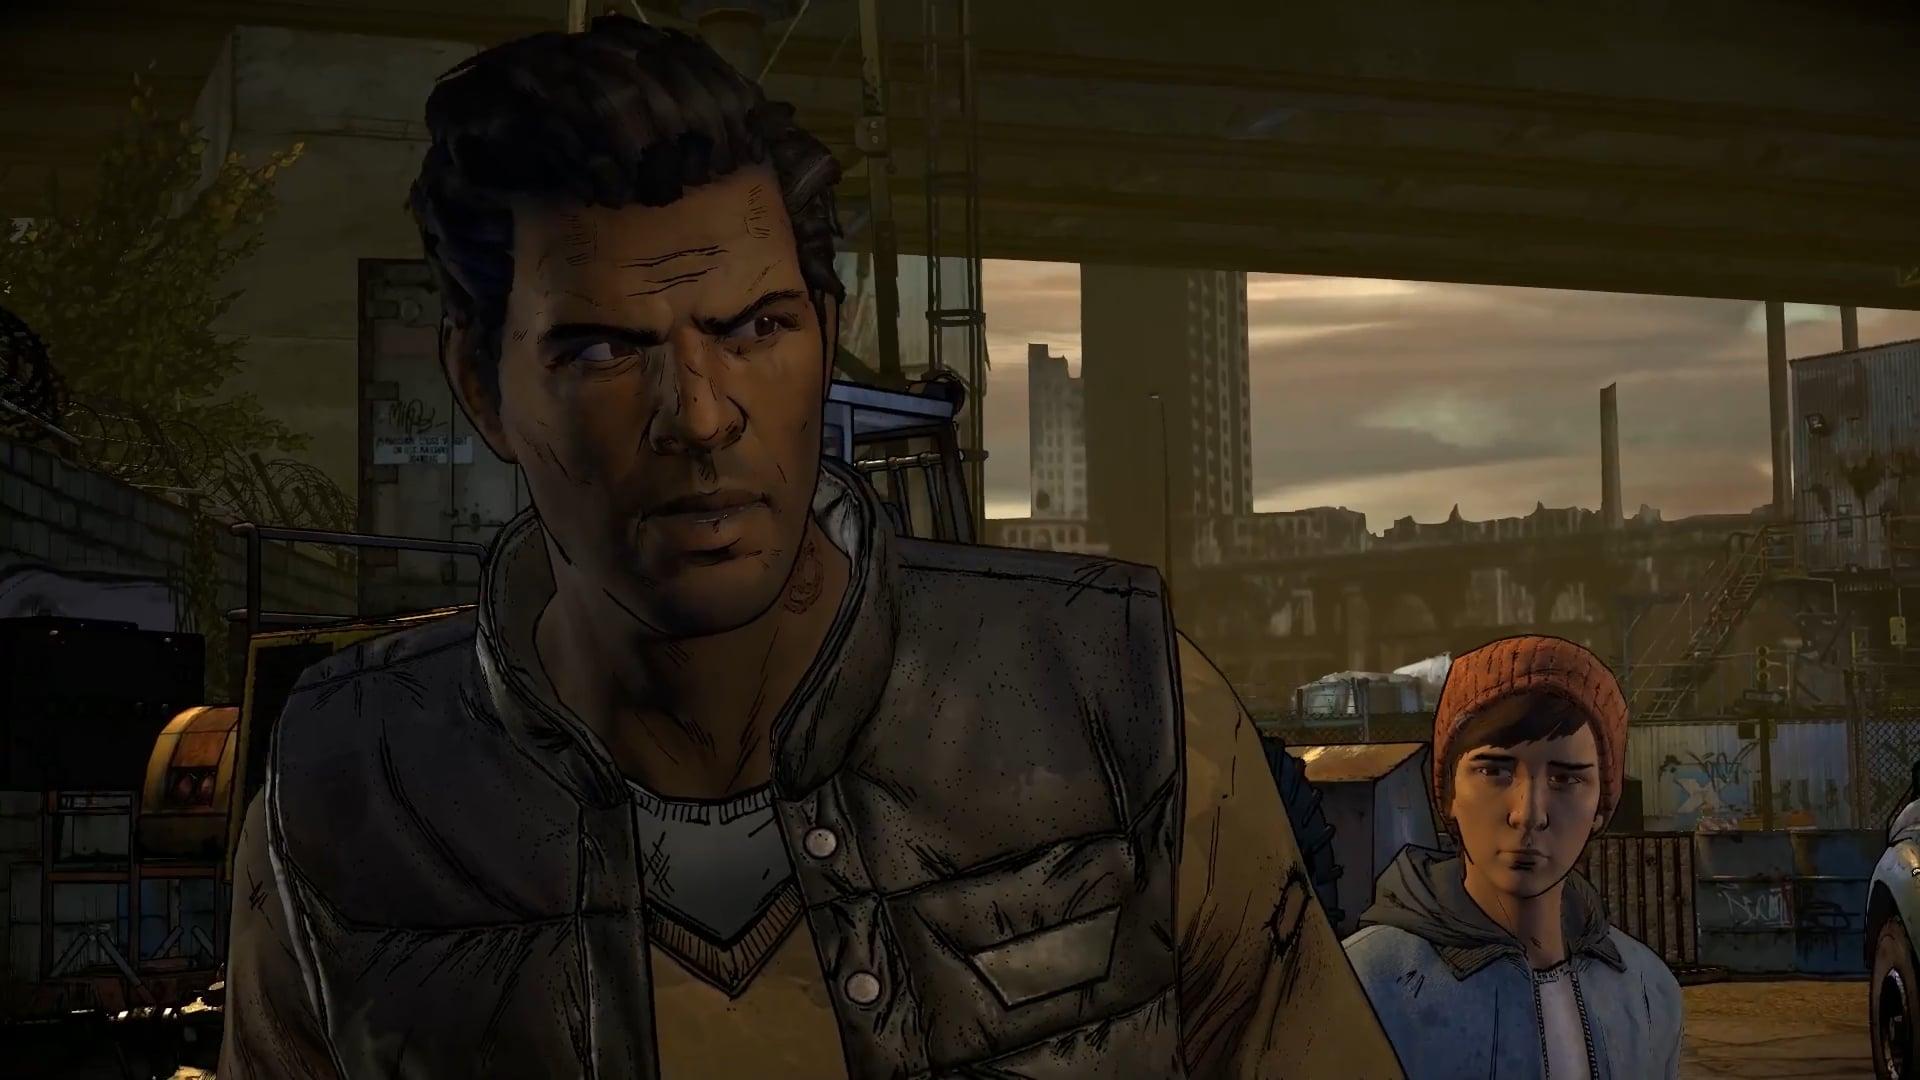 Continuamos con nuestra serie de reseñas de la tercera temporada de los juegos de Telltale Games: The Walking Dead. Puedes ver las reseñas del Episodio 1